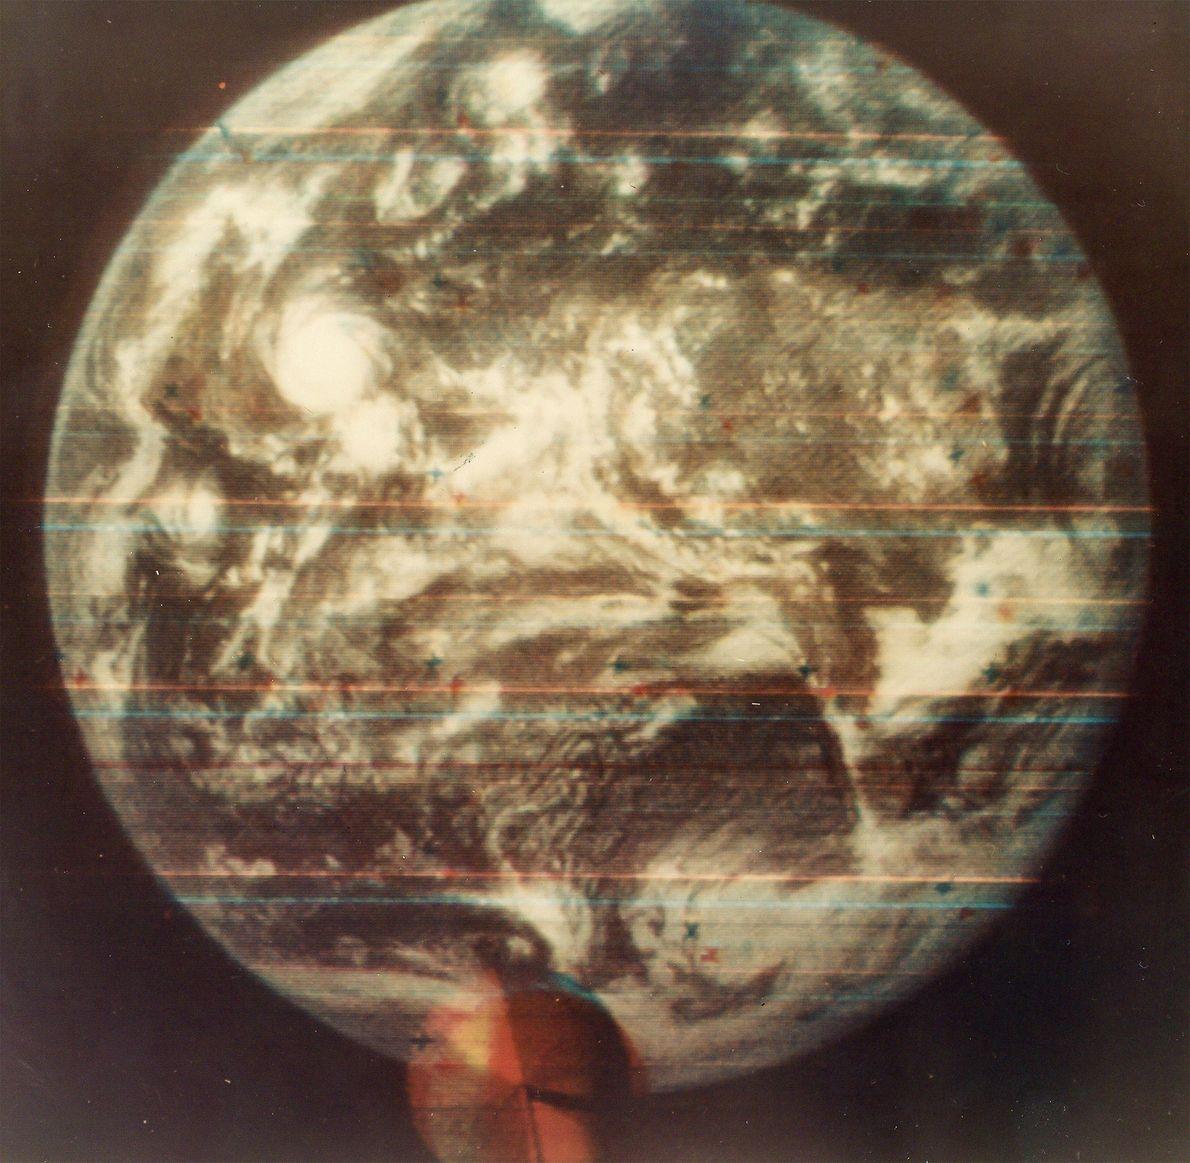 Primera fotografía en color de la Tierra